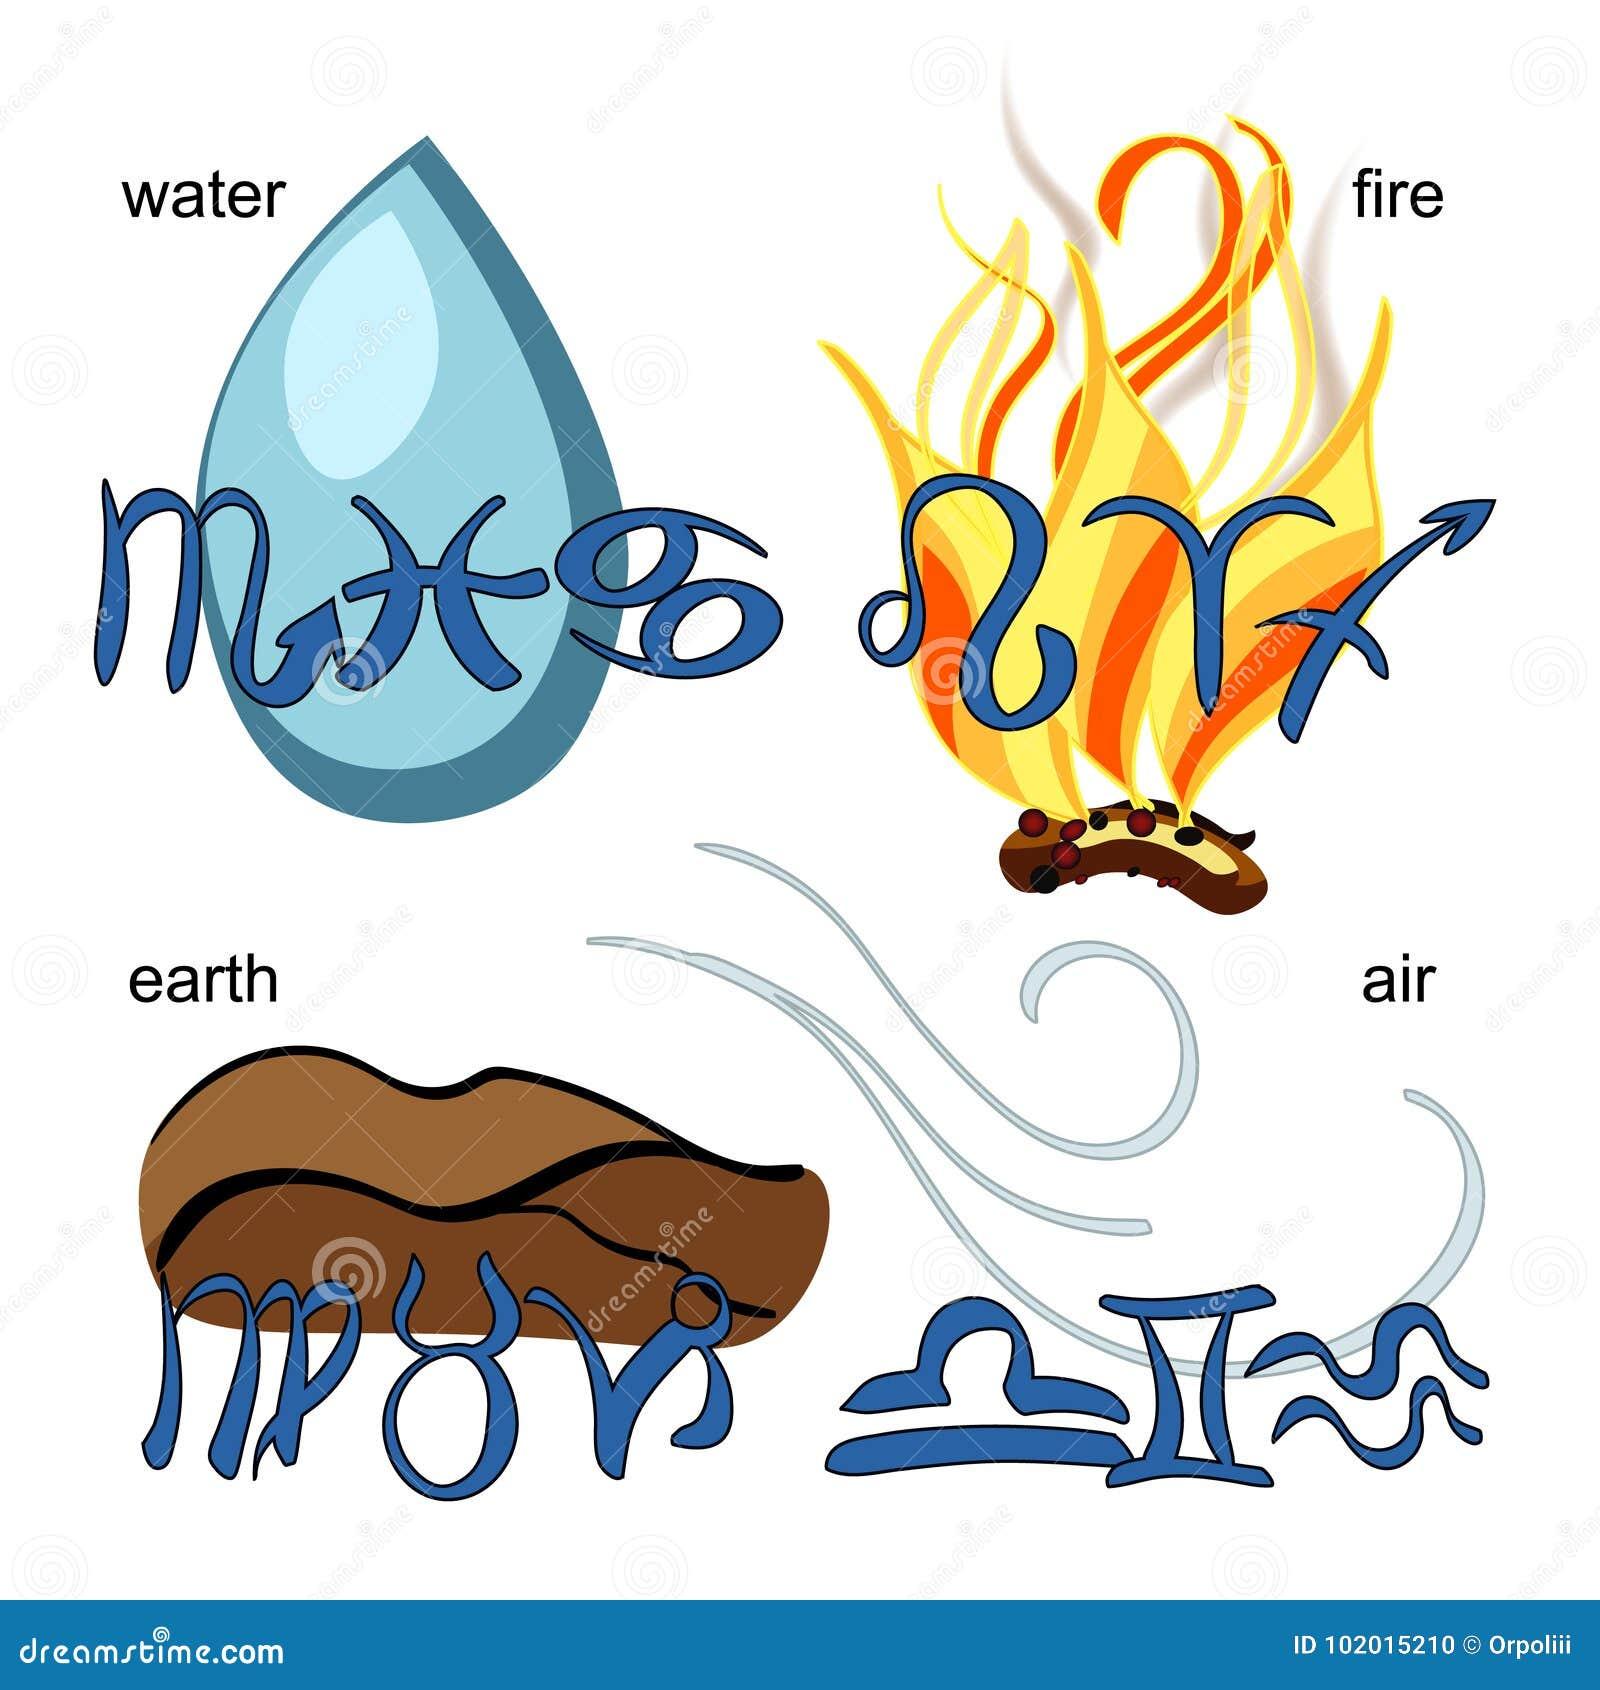 zodiac earth water fire air signs